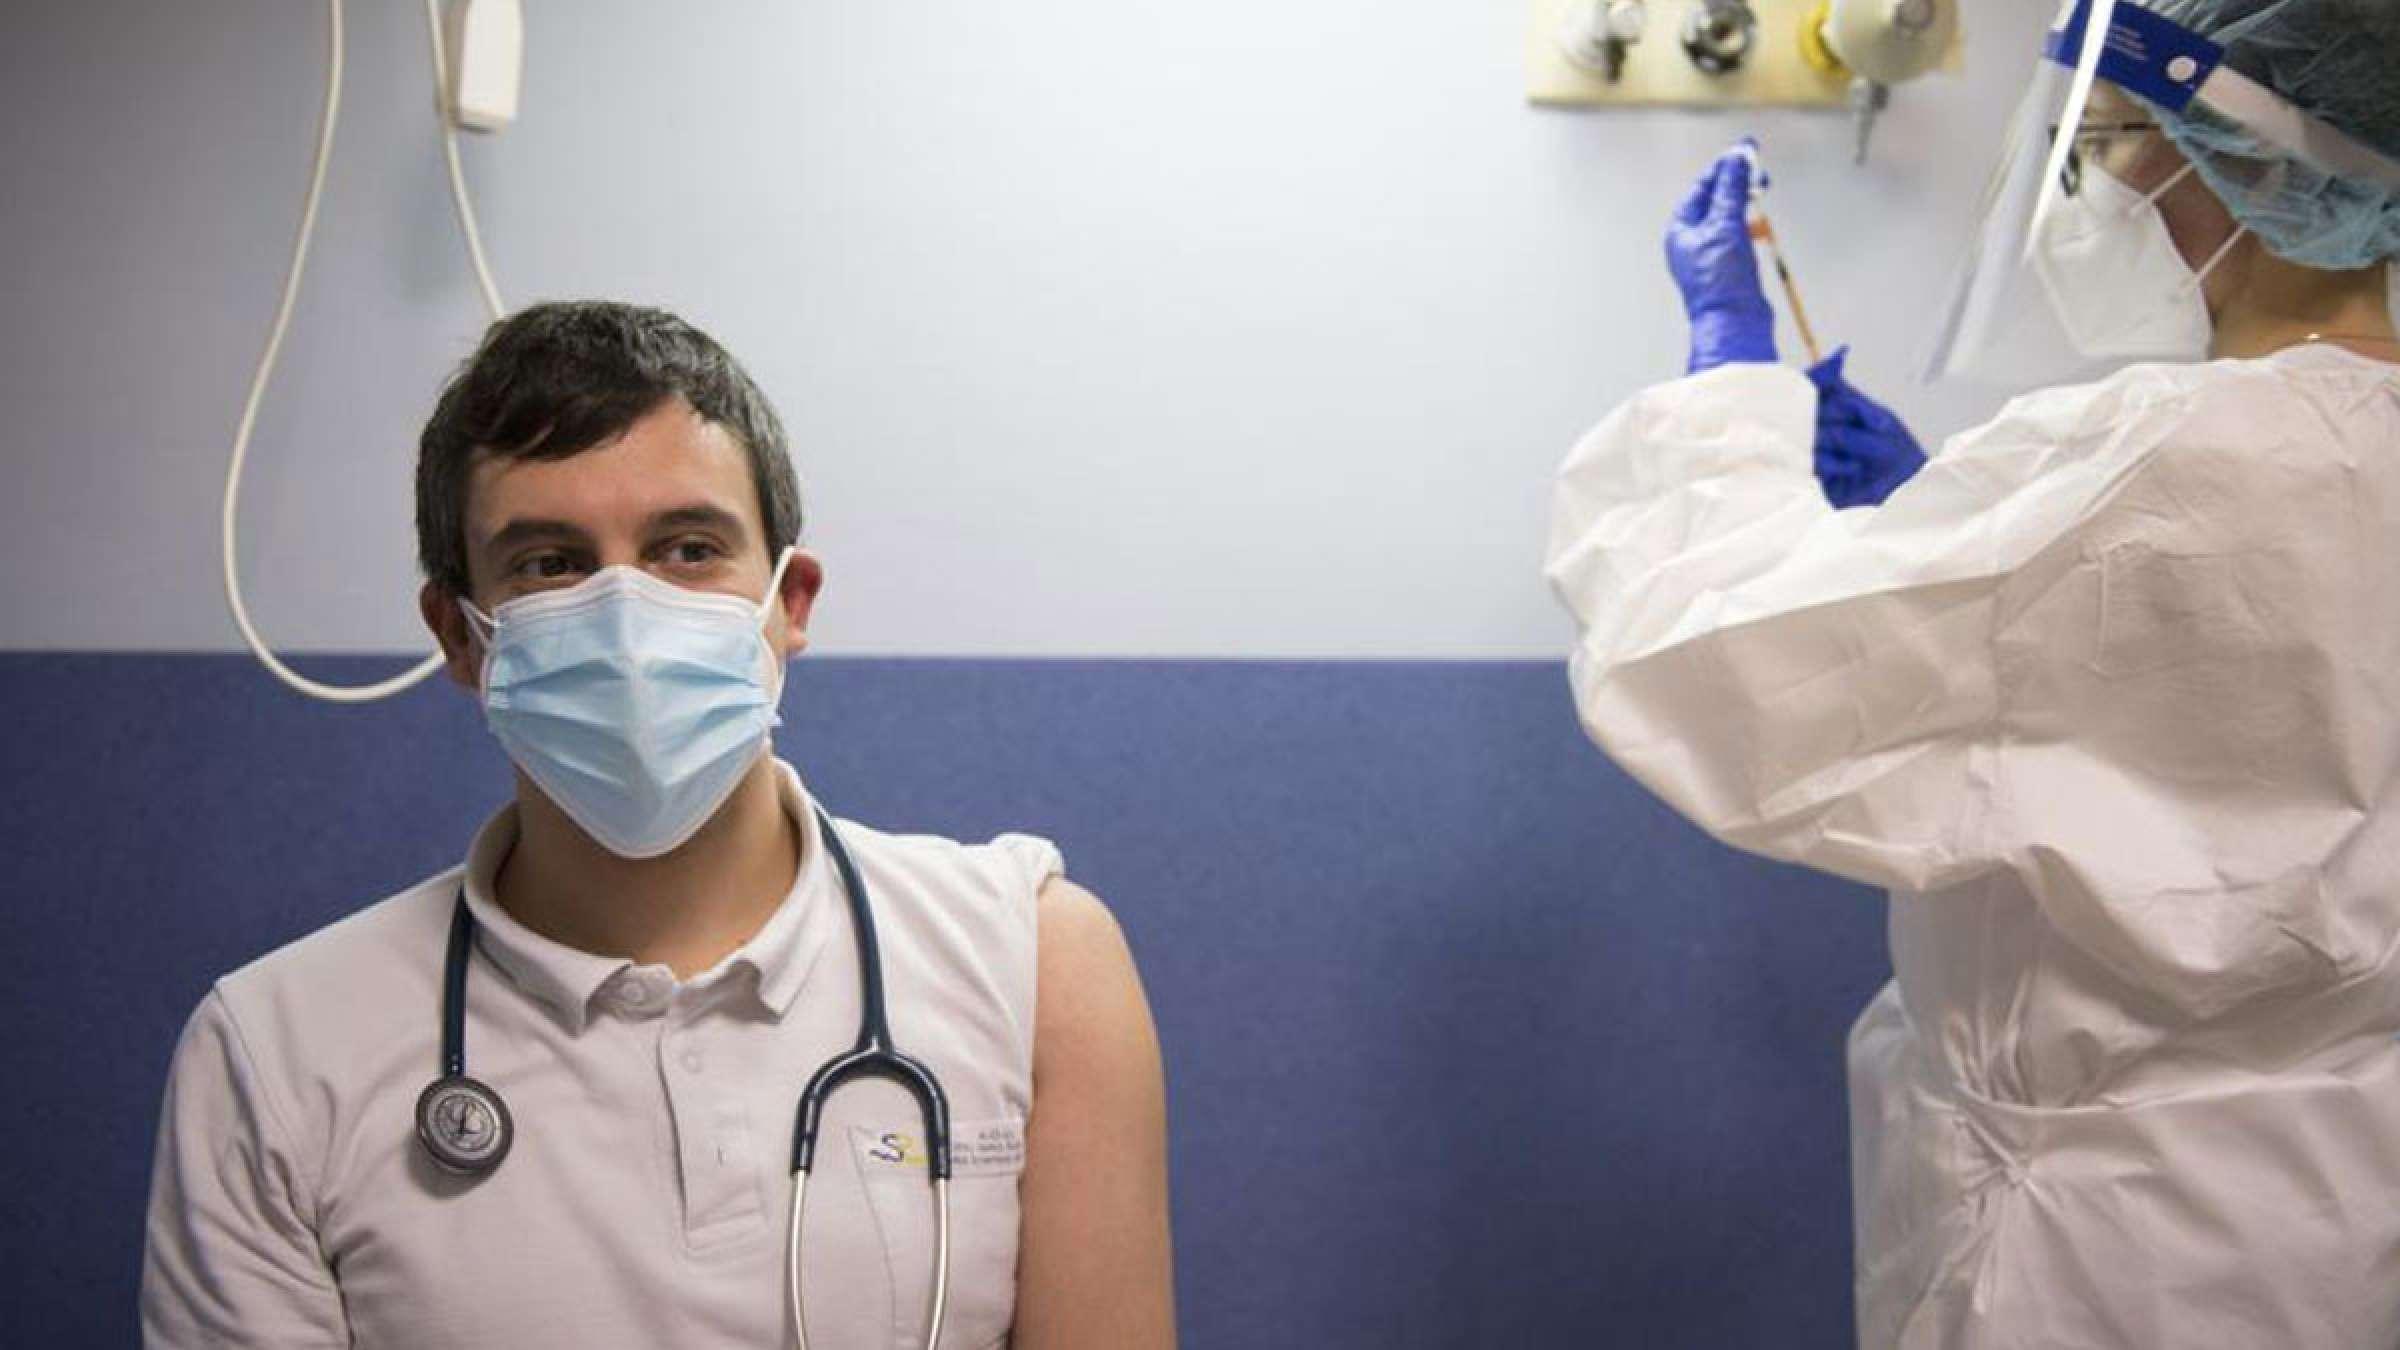 مقاله-پزشکی-فوربز-چرا-تعداد-زیادی-از-متخصصان-مراقبت-های-بهداشتی-واکسن-کرونا-نمی-زنند